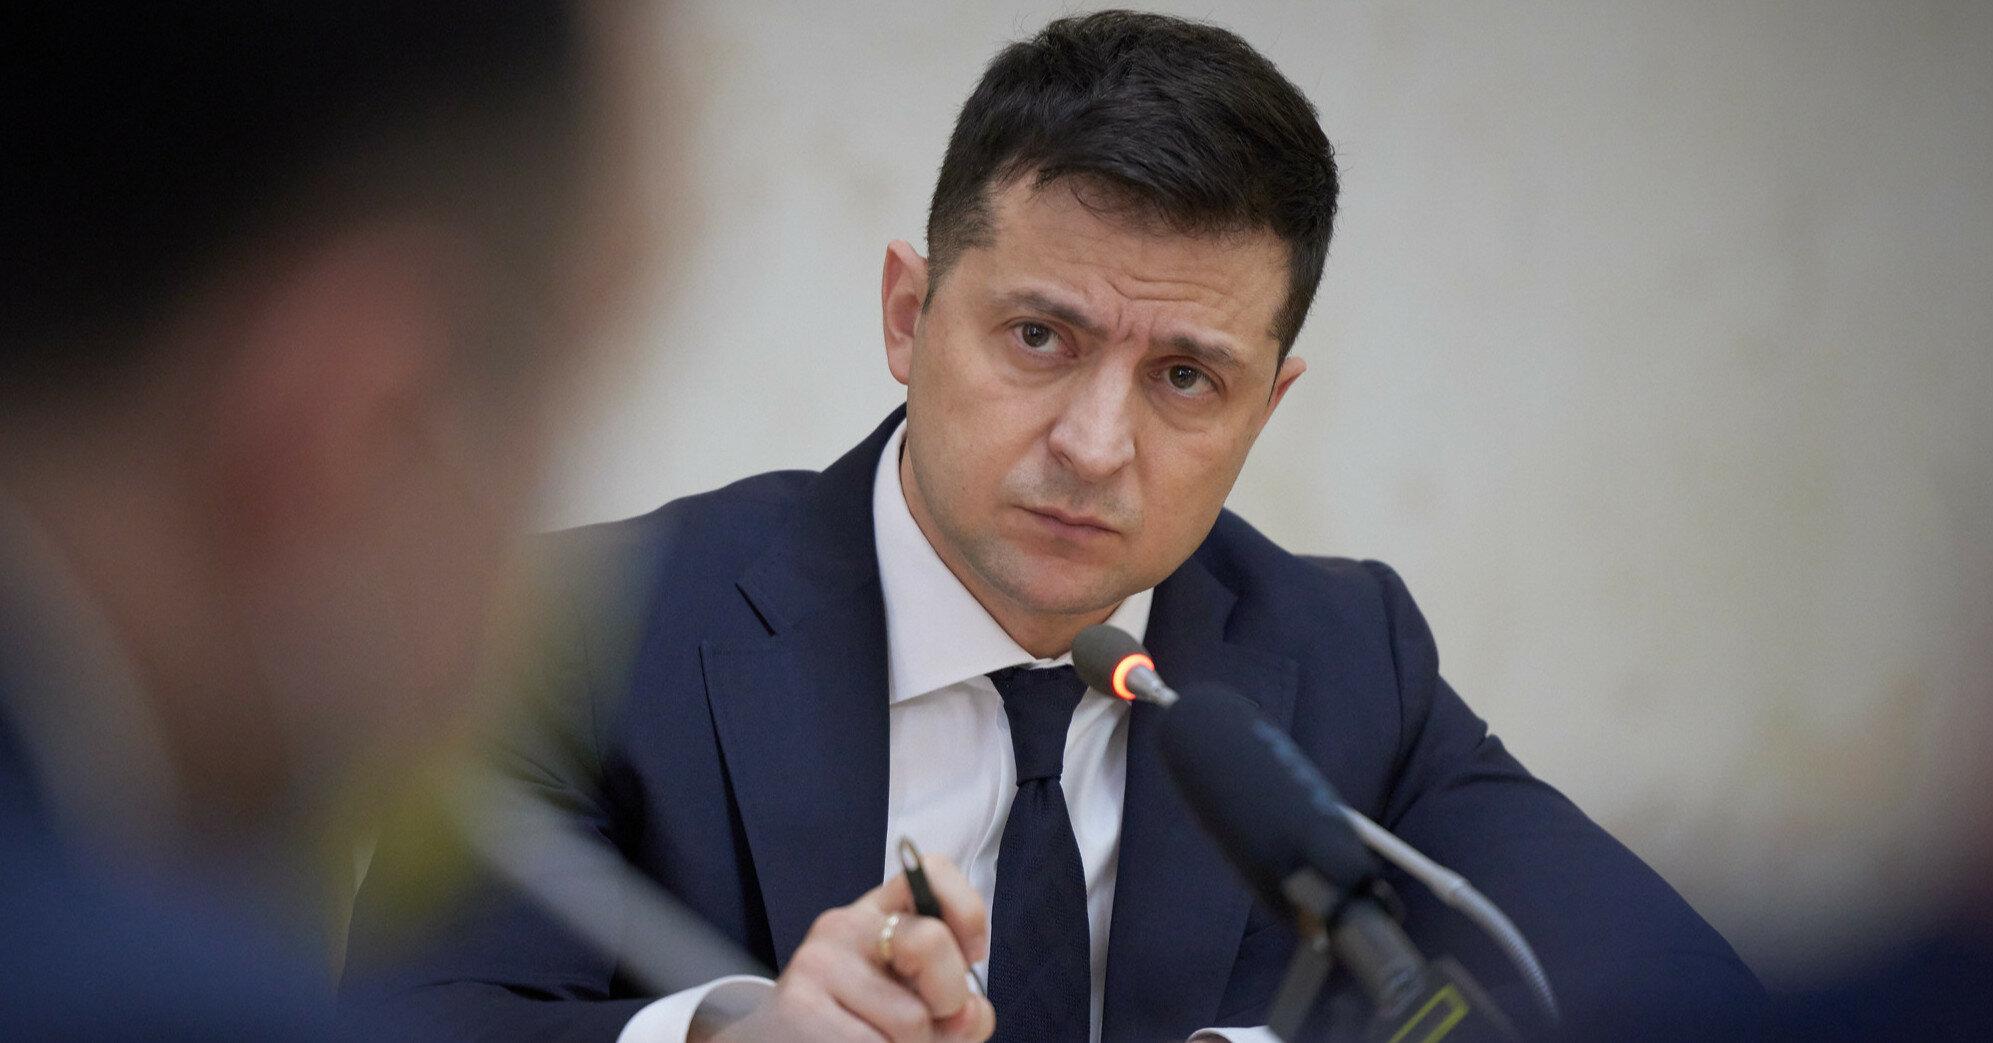 Зеленский выразил соболезнования в связи с гибелью мэра Кривого Рога